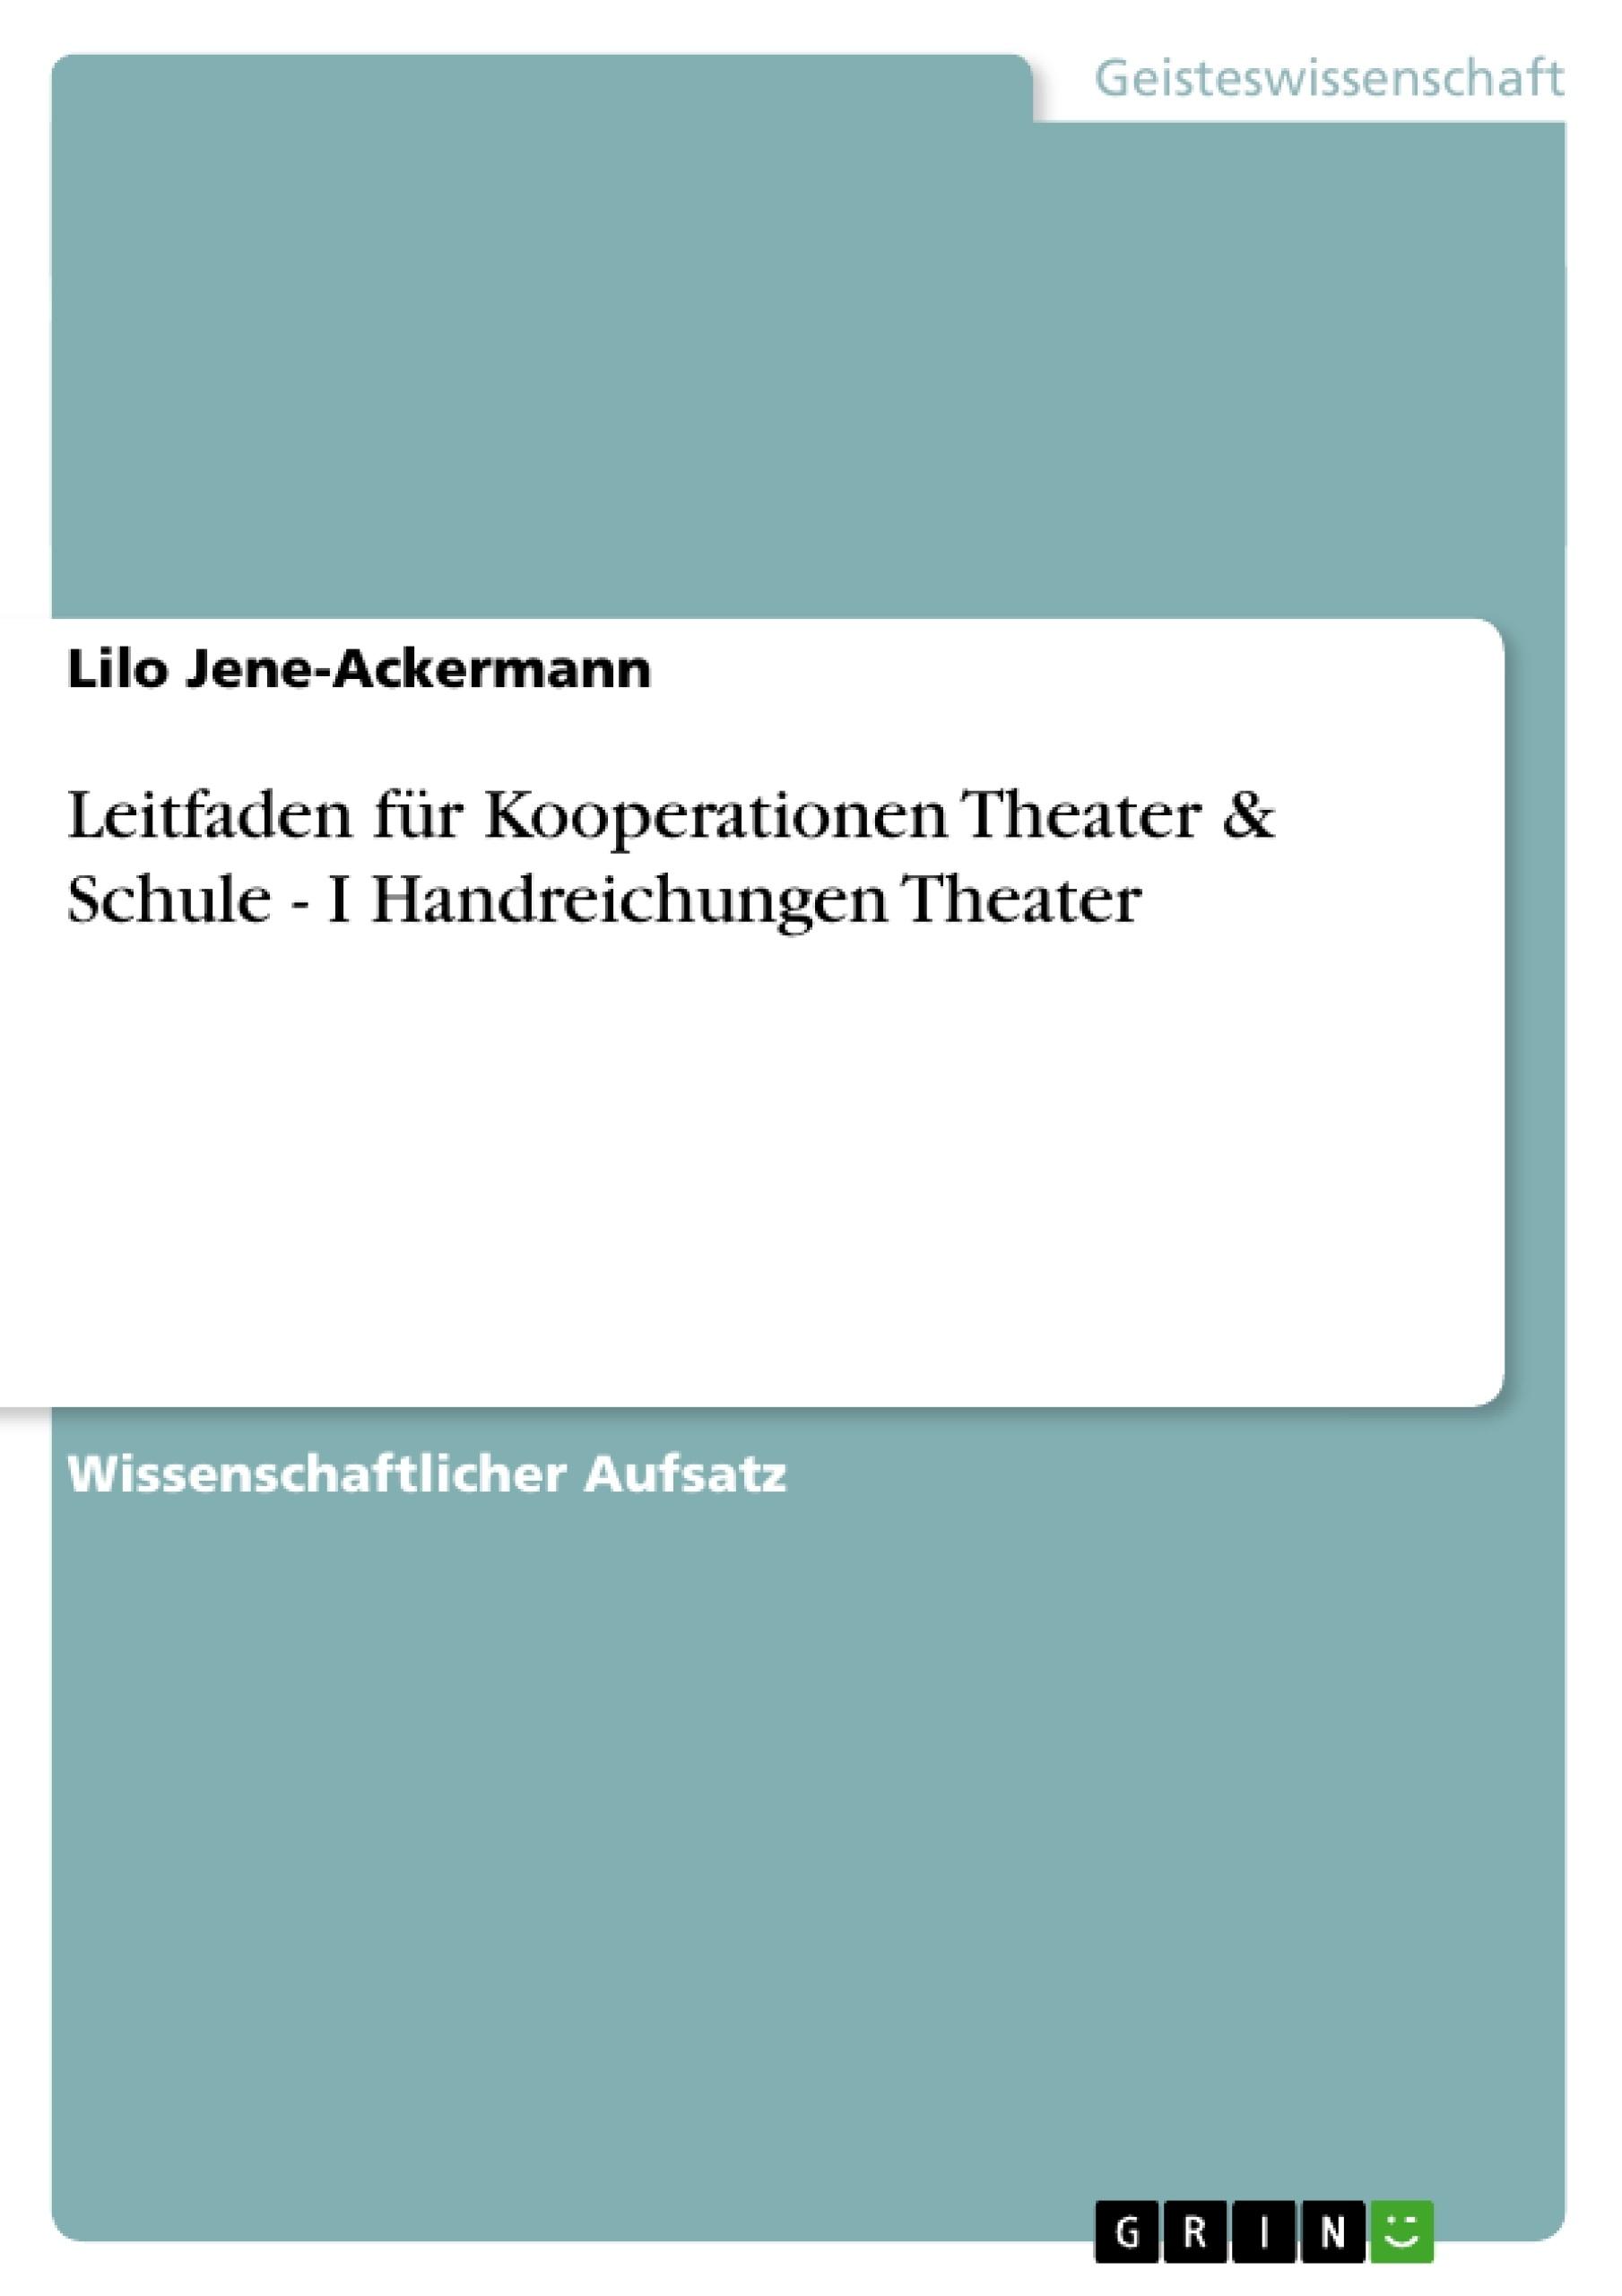 Titel: Leitfaden für Kooperationen Theater & Schule - I Handreichungen Theater